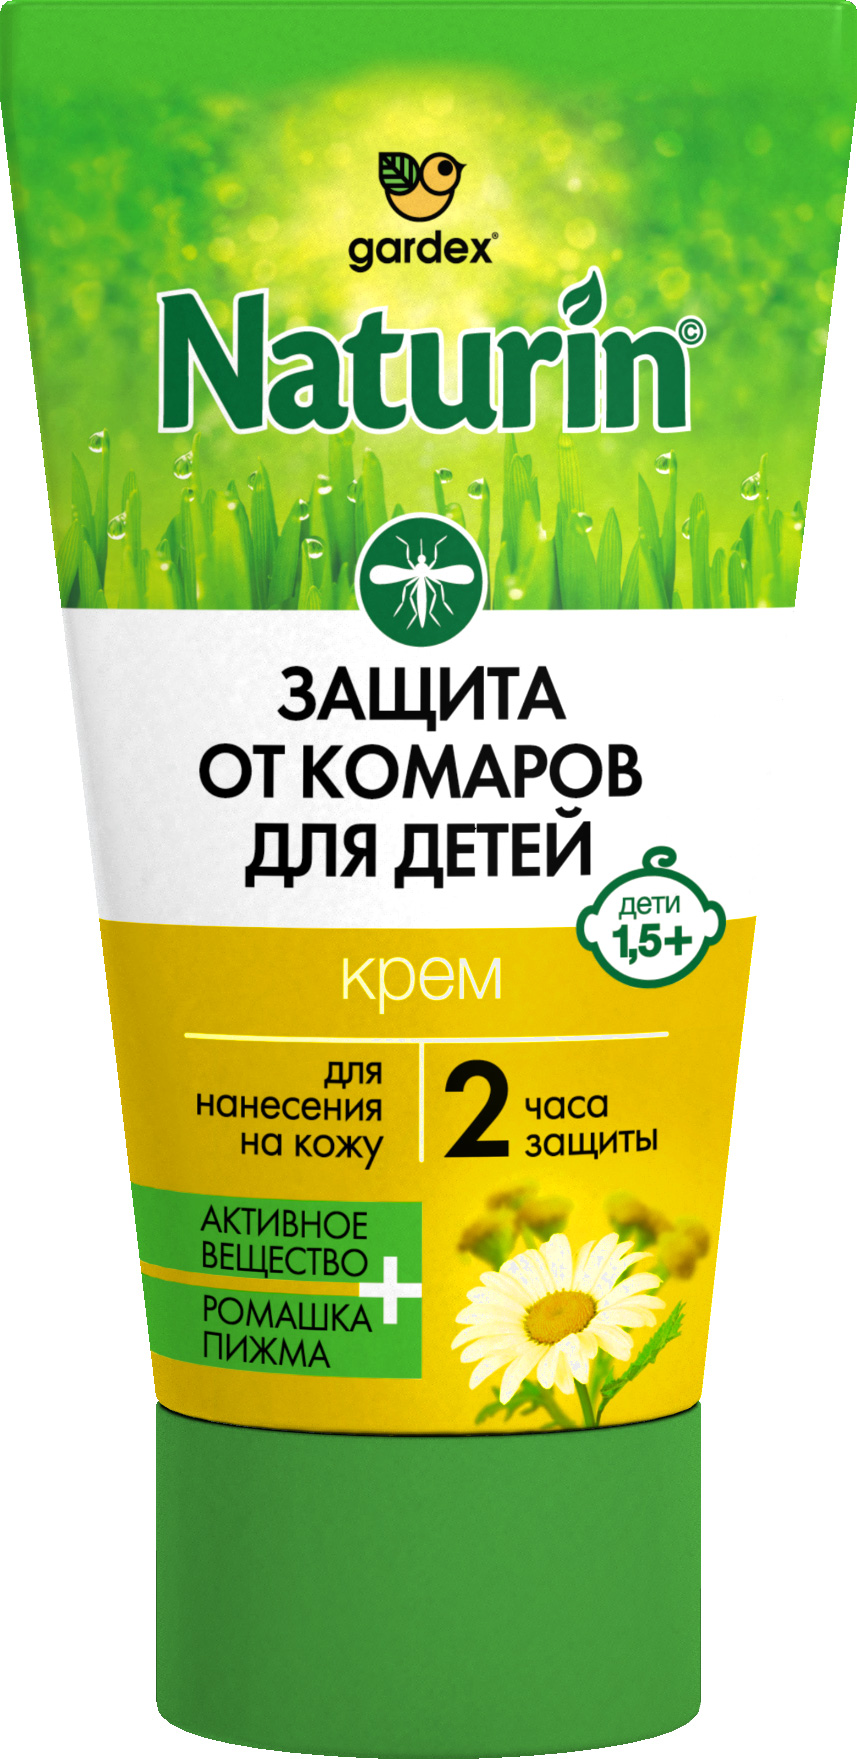 Крем-гель от комаров Naturin, 40 мл38580120Крем для детей от 1,5 летЗащищает от укусов комаров, мокрецов и москитовВремя защиты – 2 часа при нанесении на кожуСодержит 5% ДэтыНе содержит спиртаС эфирным маслом и экстрактами растений – ромашка и пижма